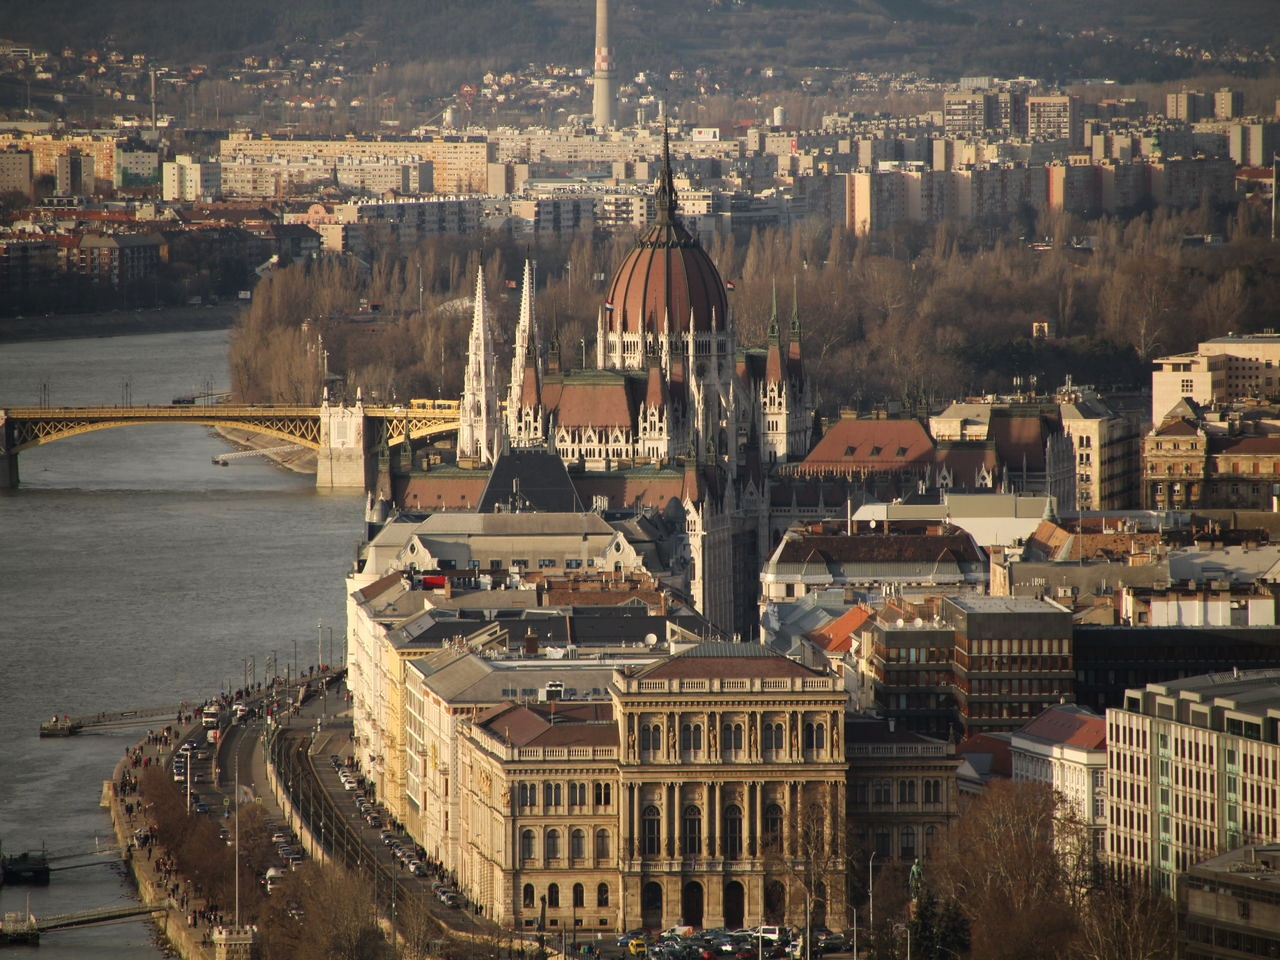 Un buen plan en Budapest es subir a la Citadella para disfrutar de estas vistas.